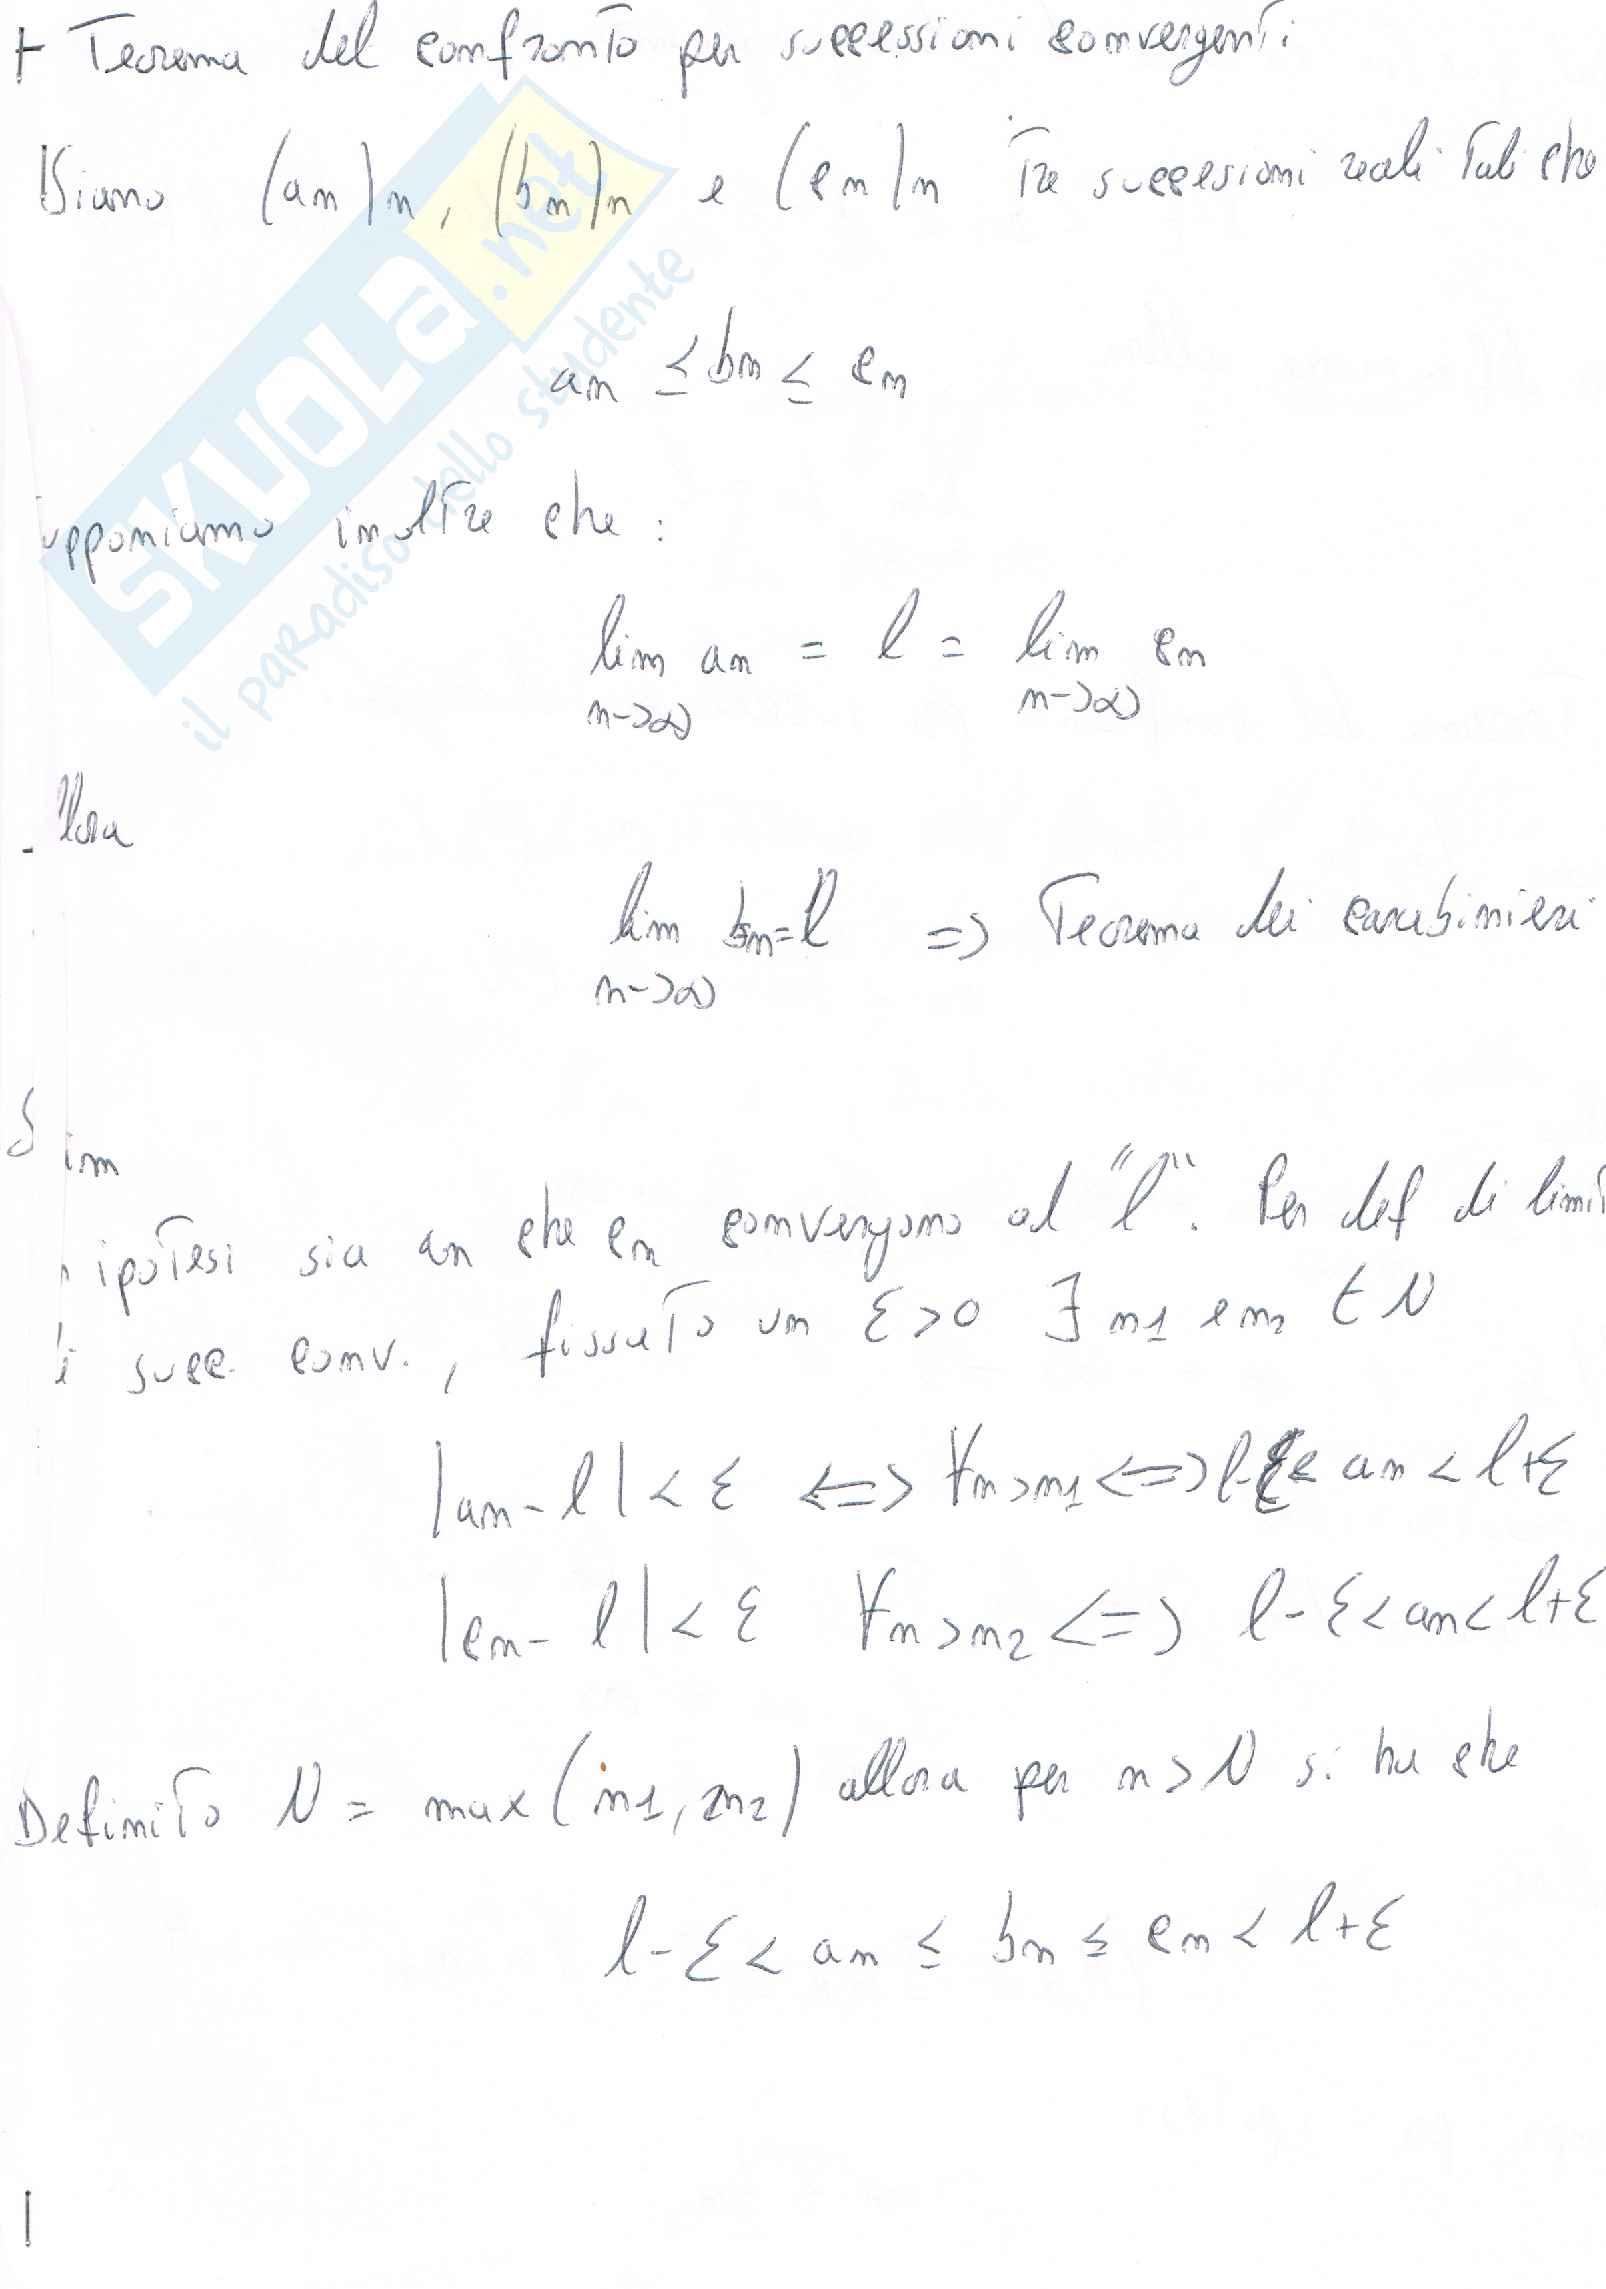 Teorema del confronto per successioni convergenti e divergenti e Teorema di Bolzano Weierstrass